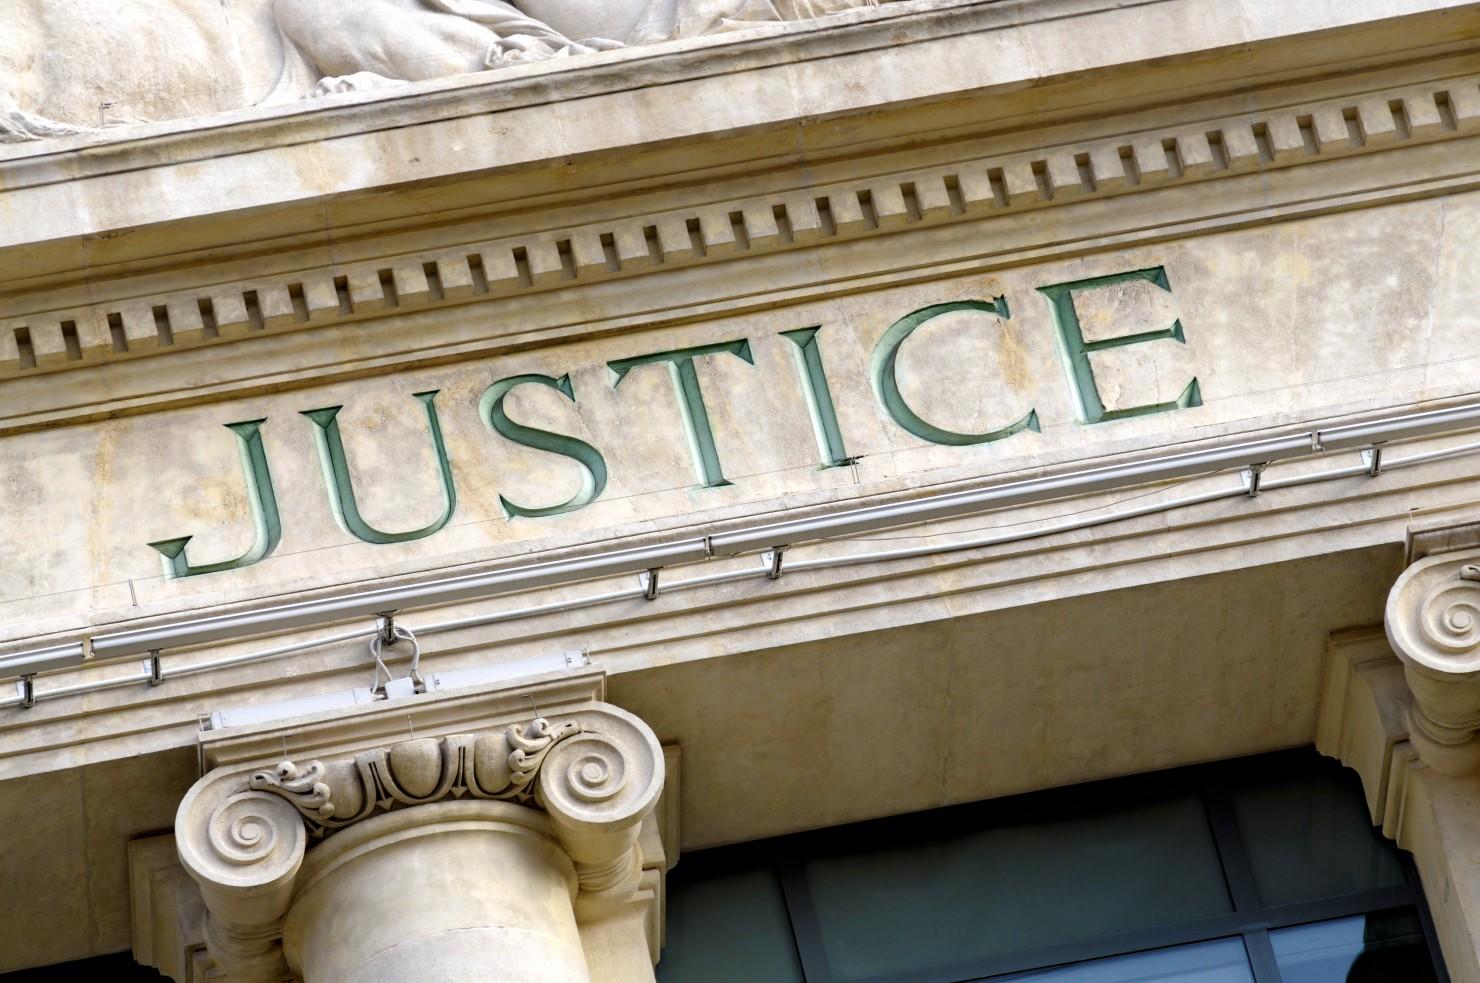 13onze15 Fraternité et vérité, association des victimes des attentats de Paris et Saint-Denis, poursuites pénales